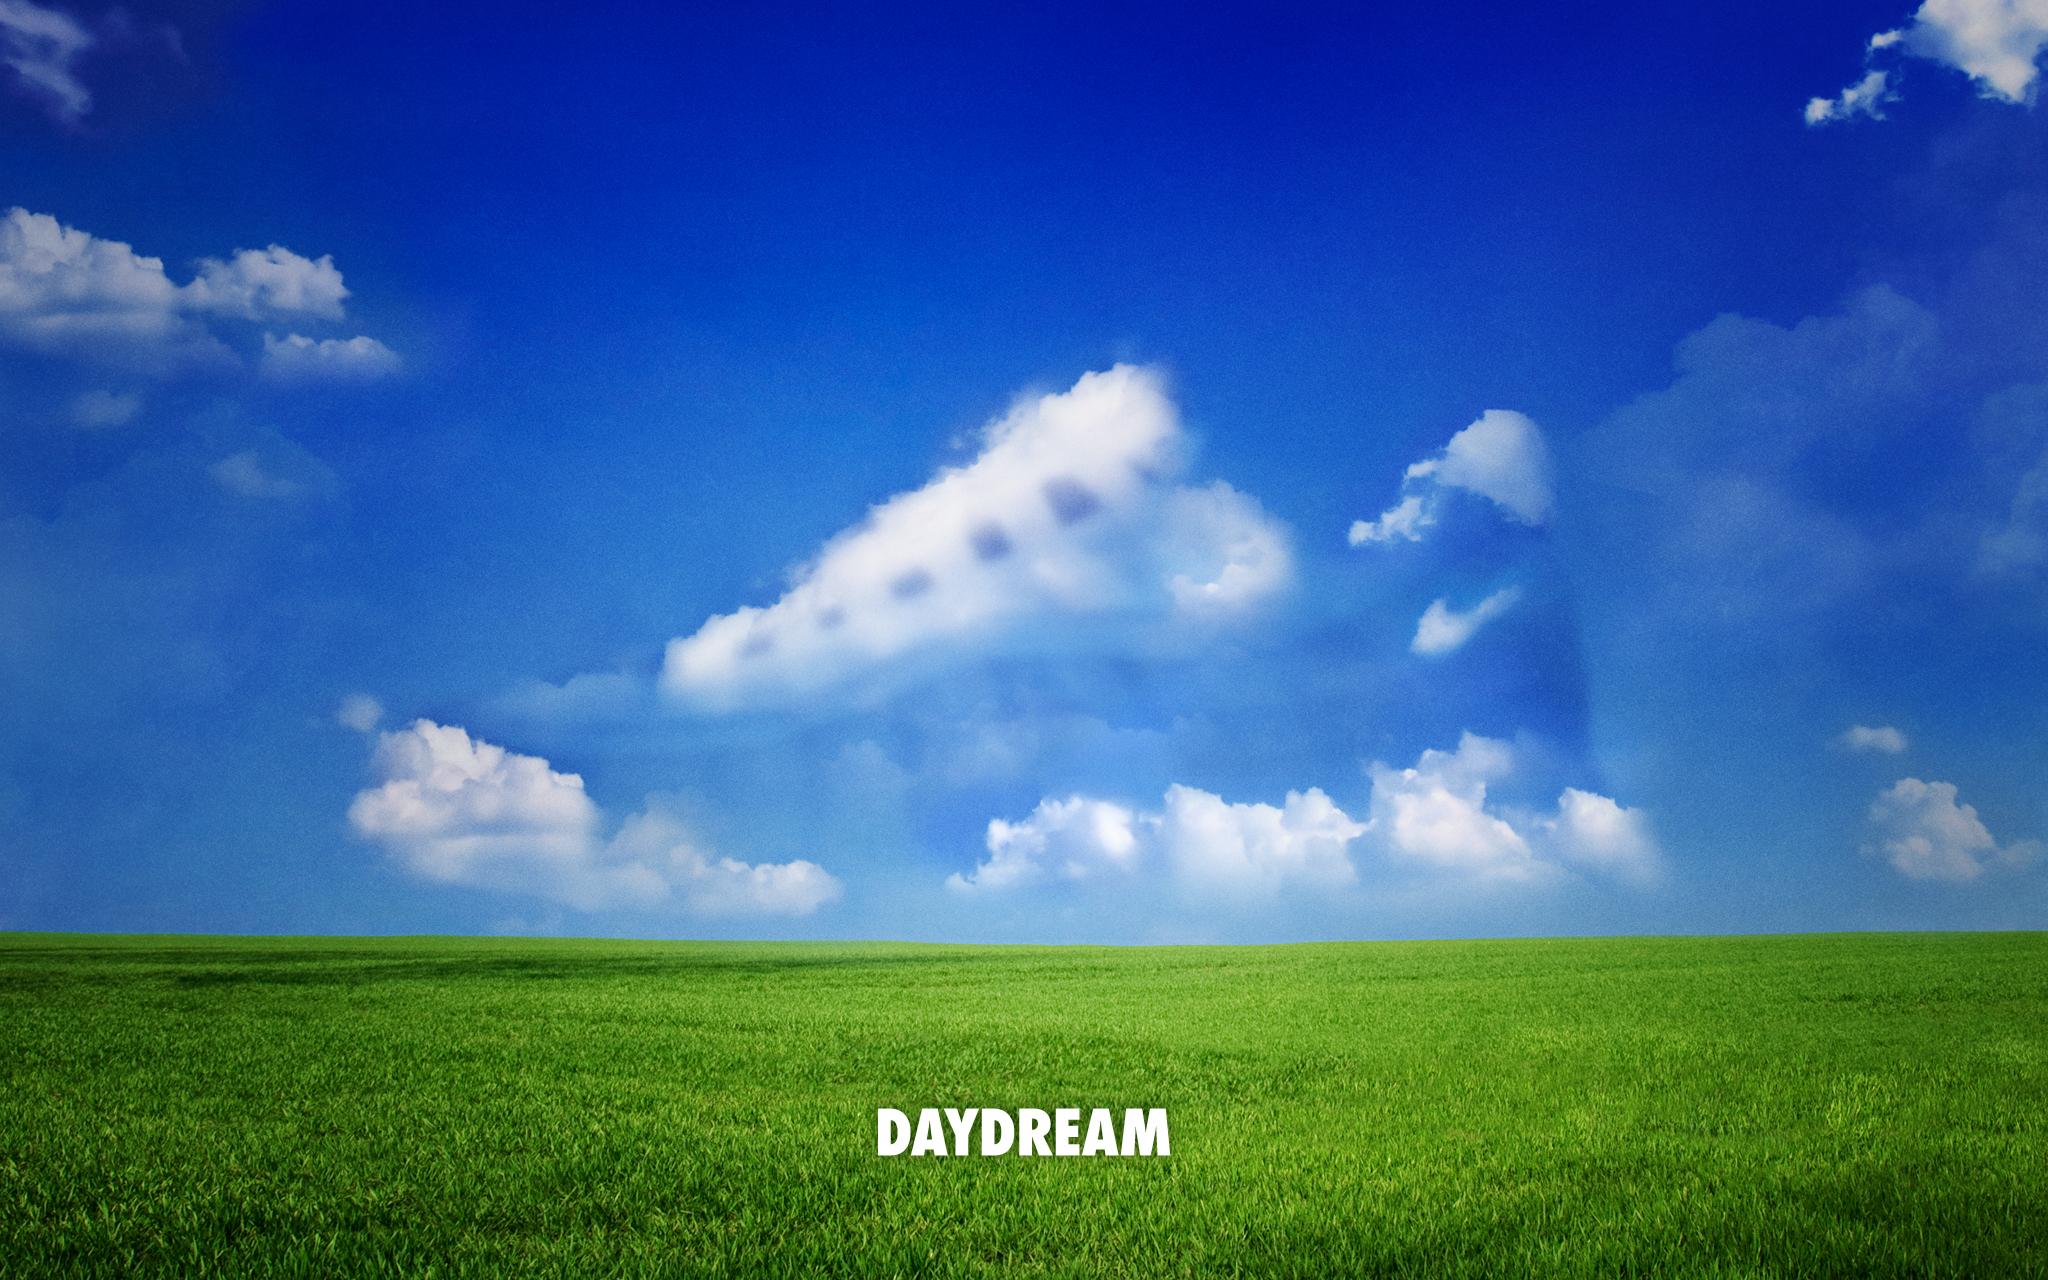 AM95 DAYDREAM FNL.jpg